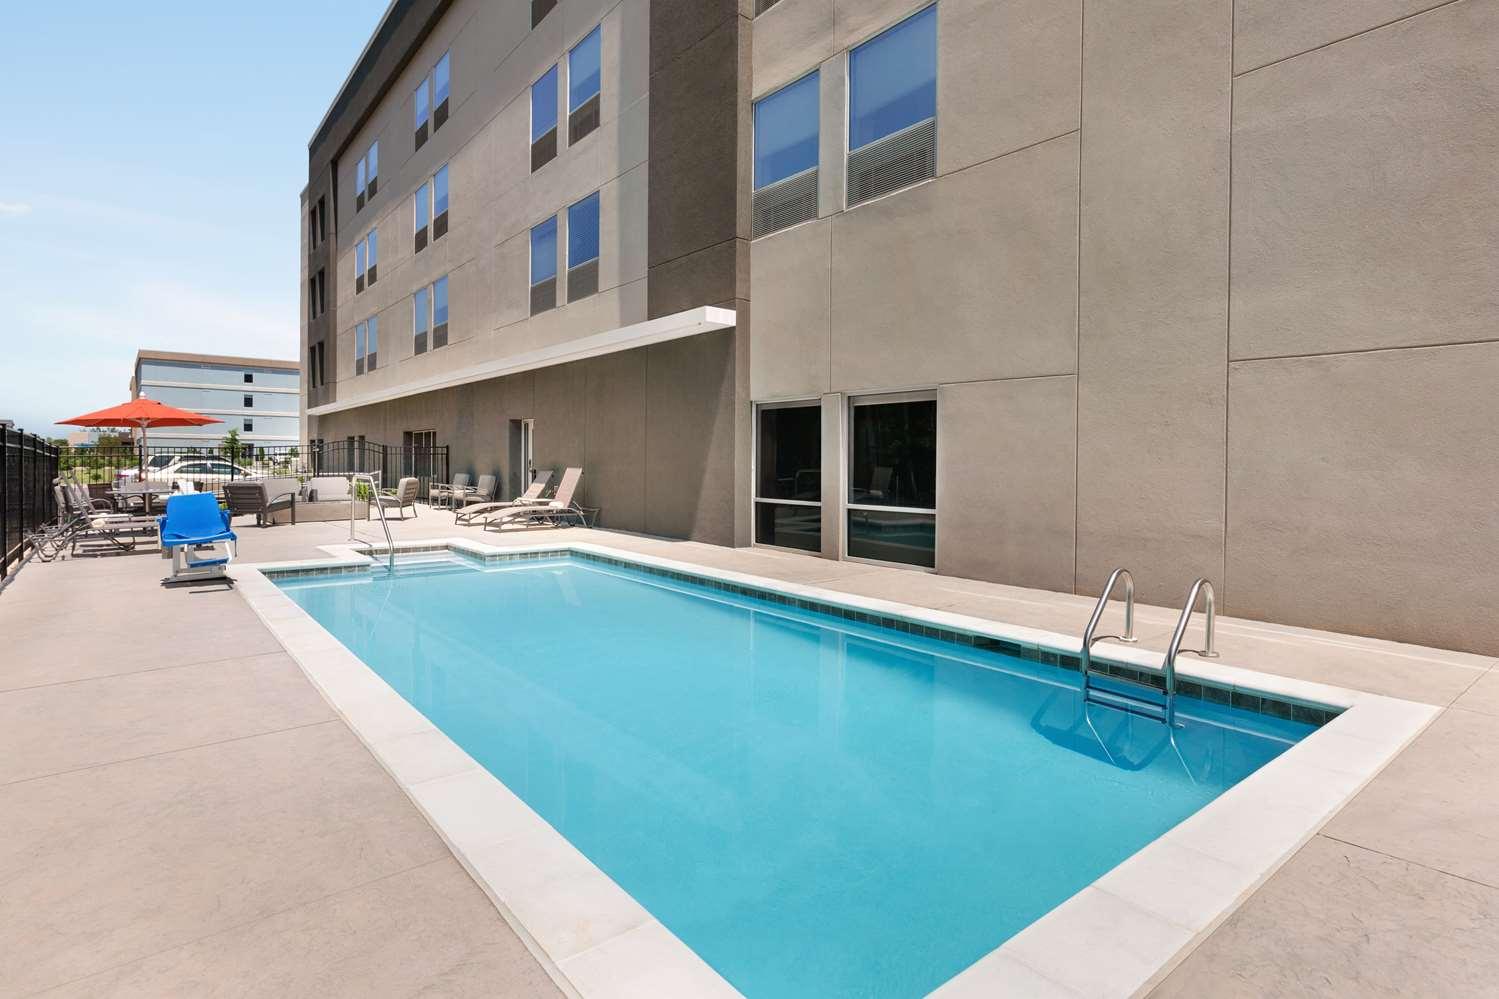 Pool - La Quinta Inn & Suites Rock Hill